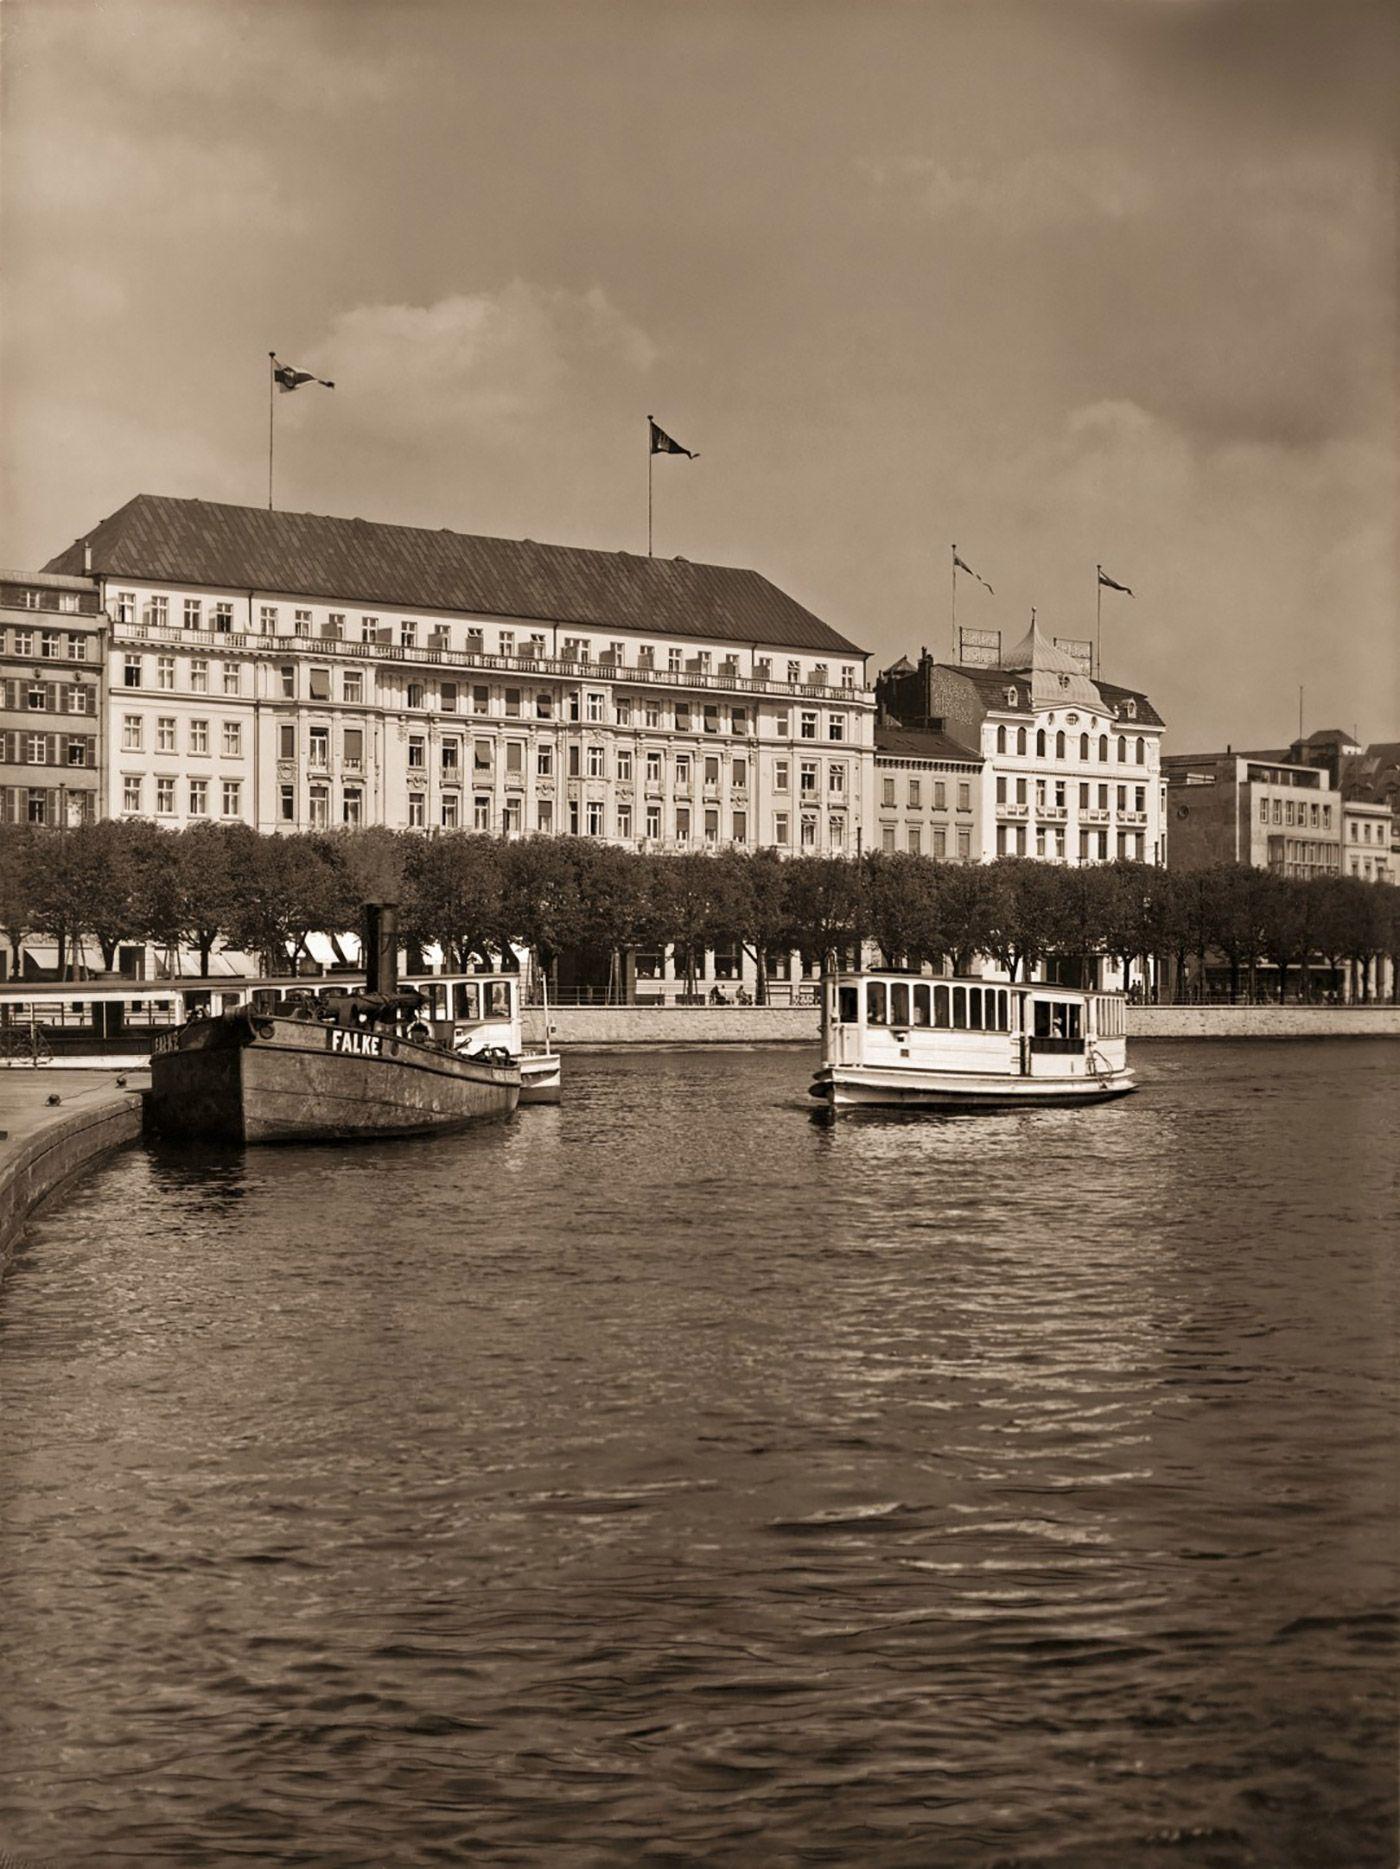 Fairmont Hotel Vier Jahreszeiten Hamburg View 1930 Wir